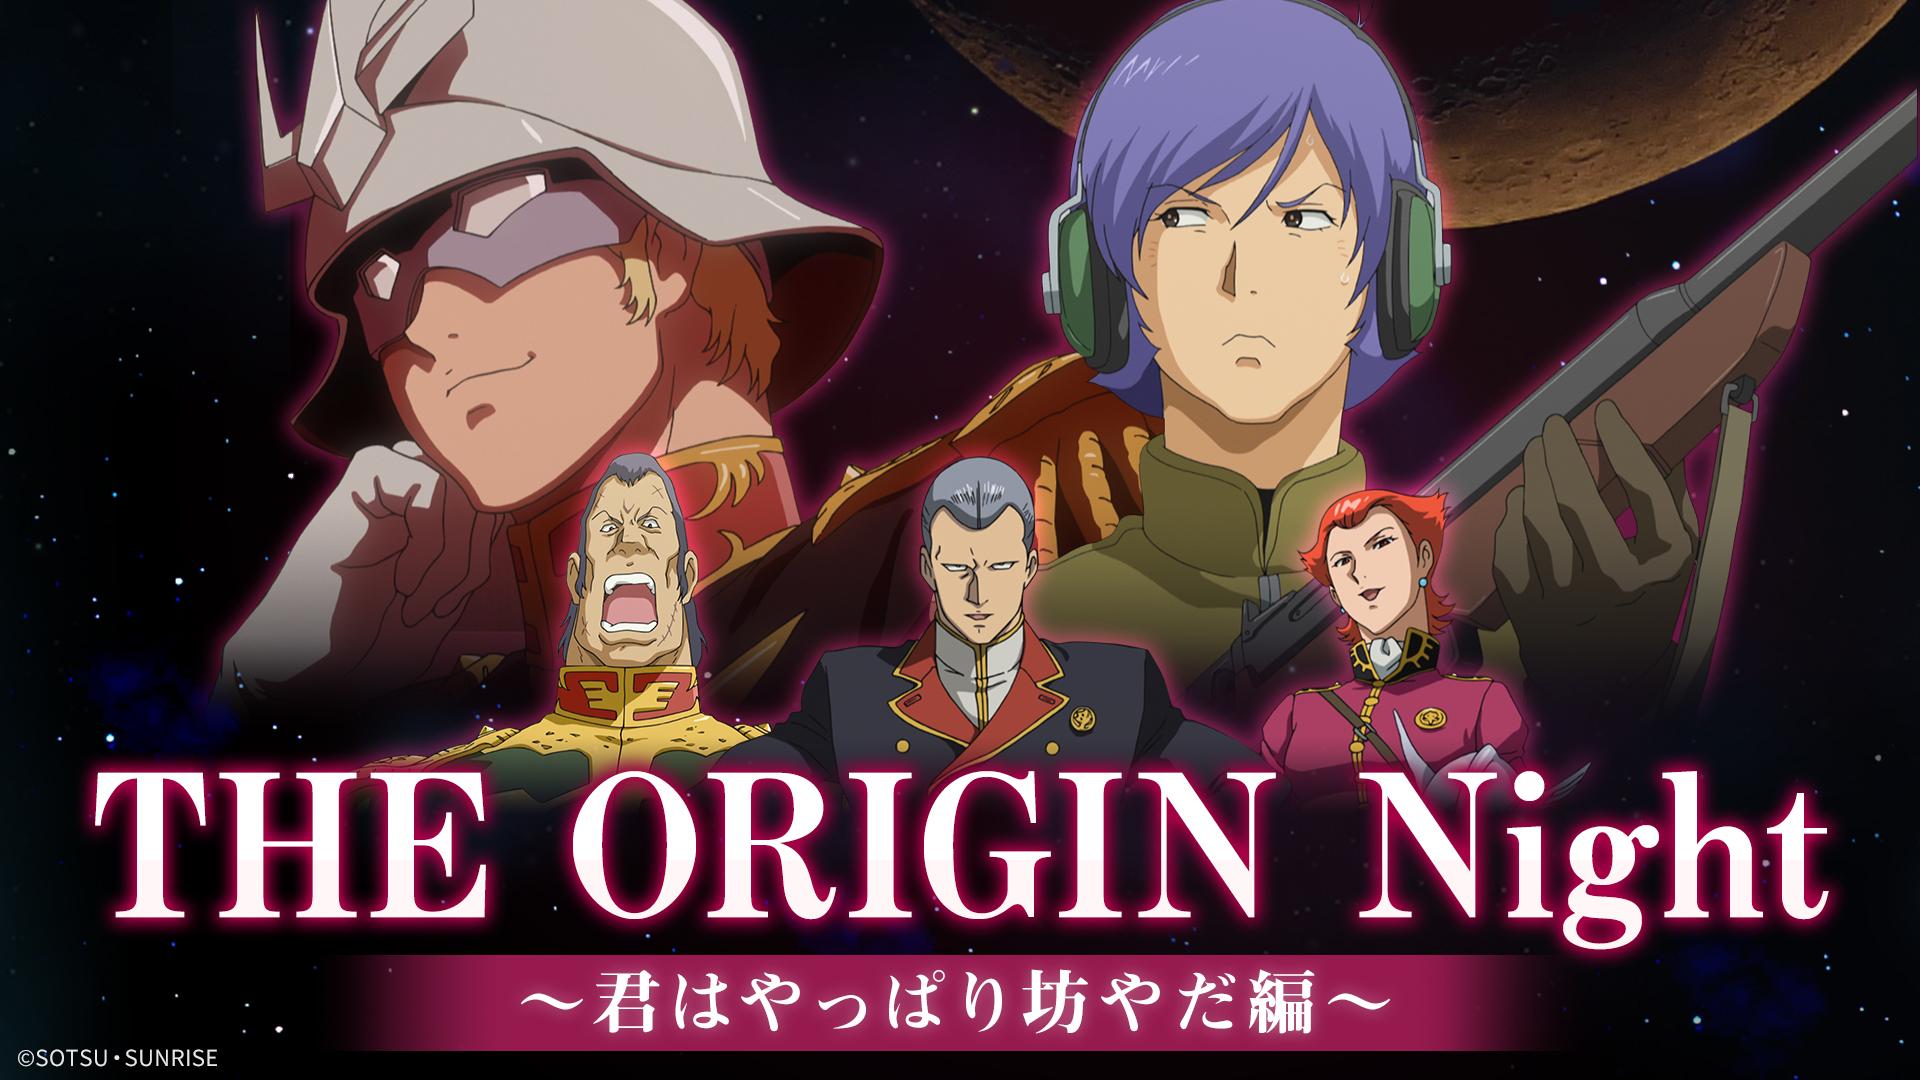 【ガンダムスクエア大阪】THE ORIGIN Night